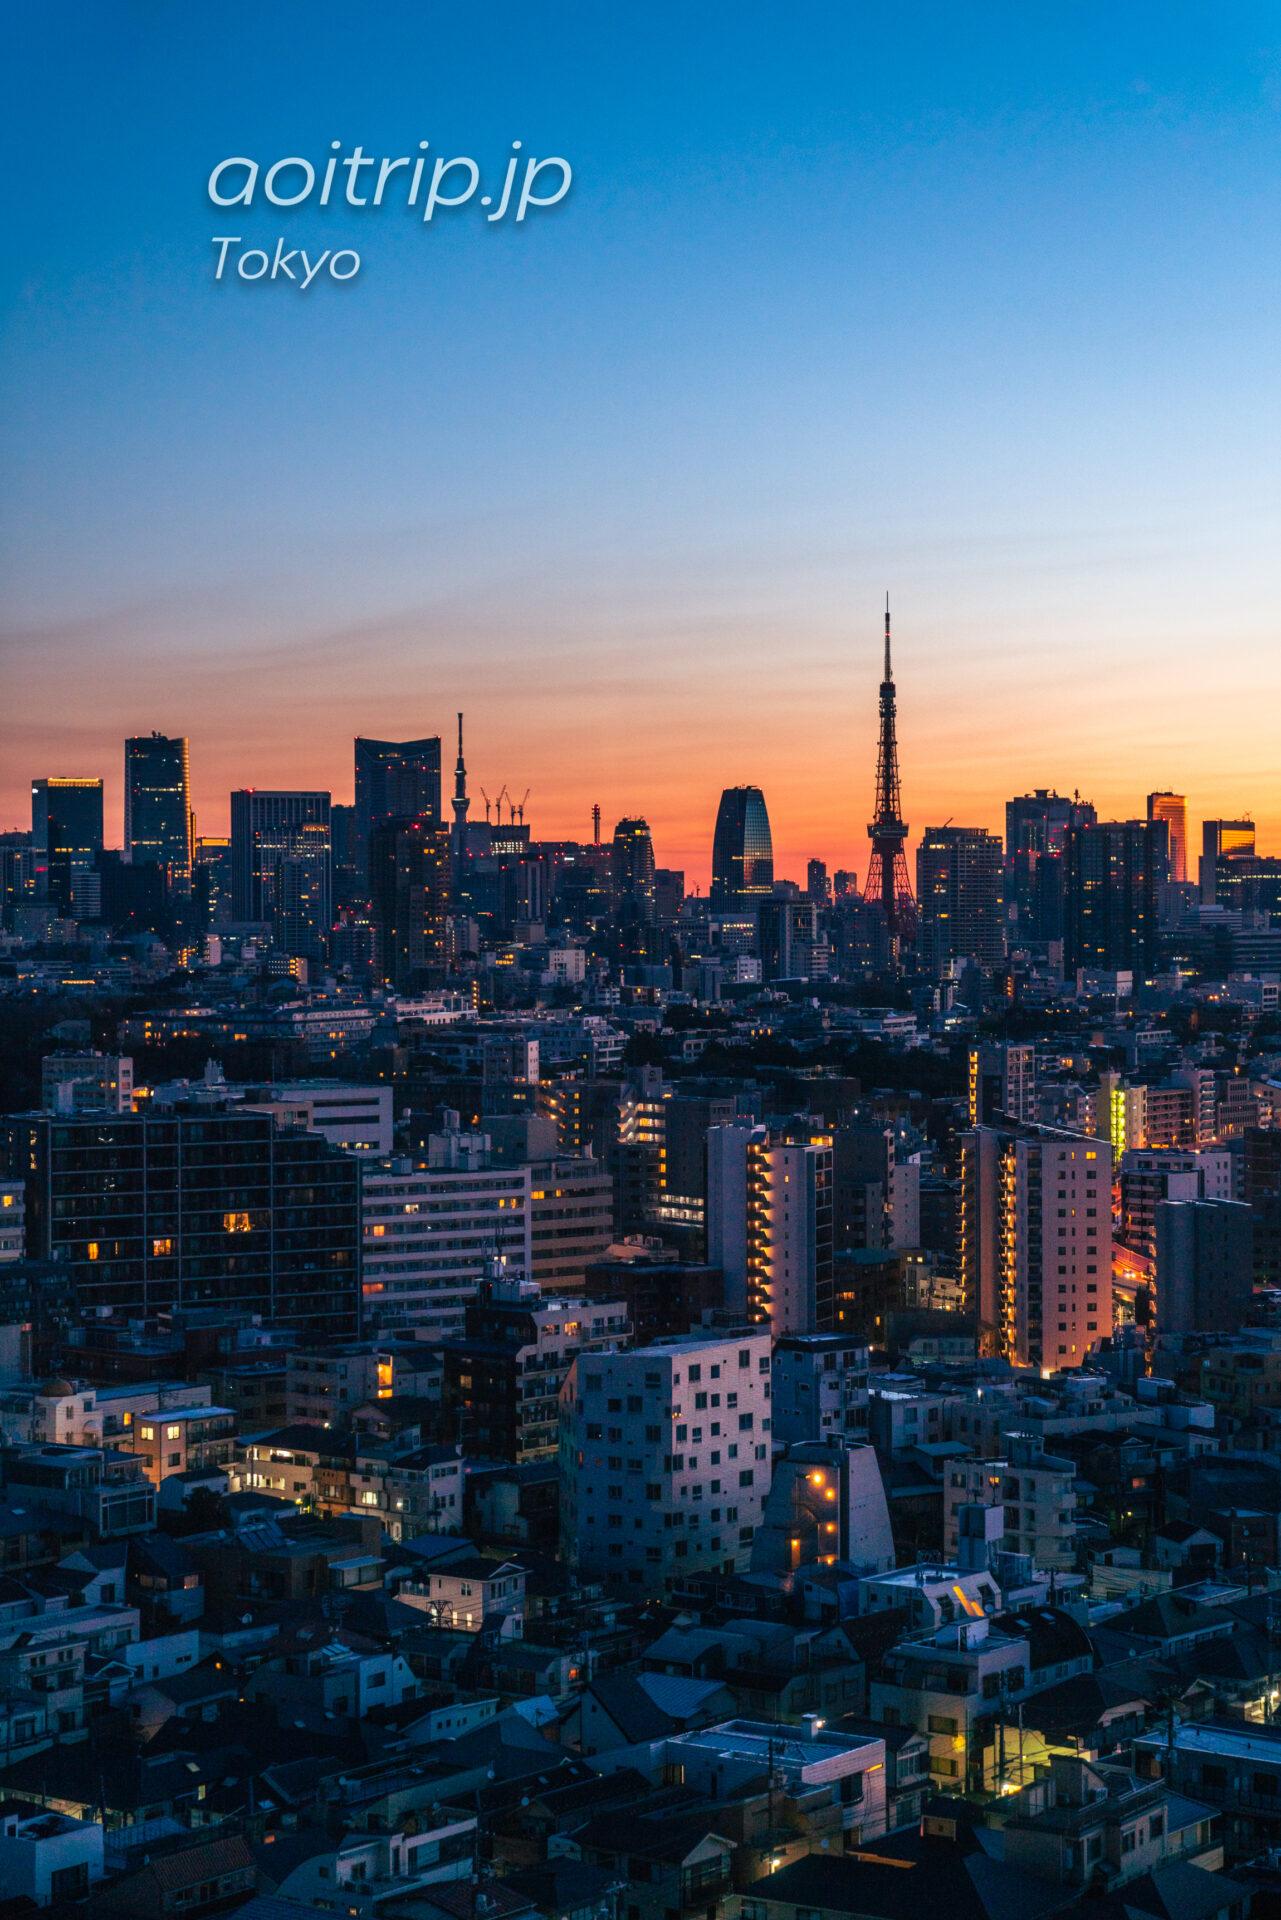 ウェスティンホテル東京 スイートルーム客室からの眺望 東京タワー、東京スカイツリー